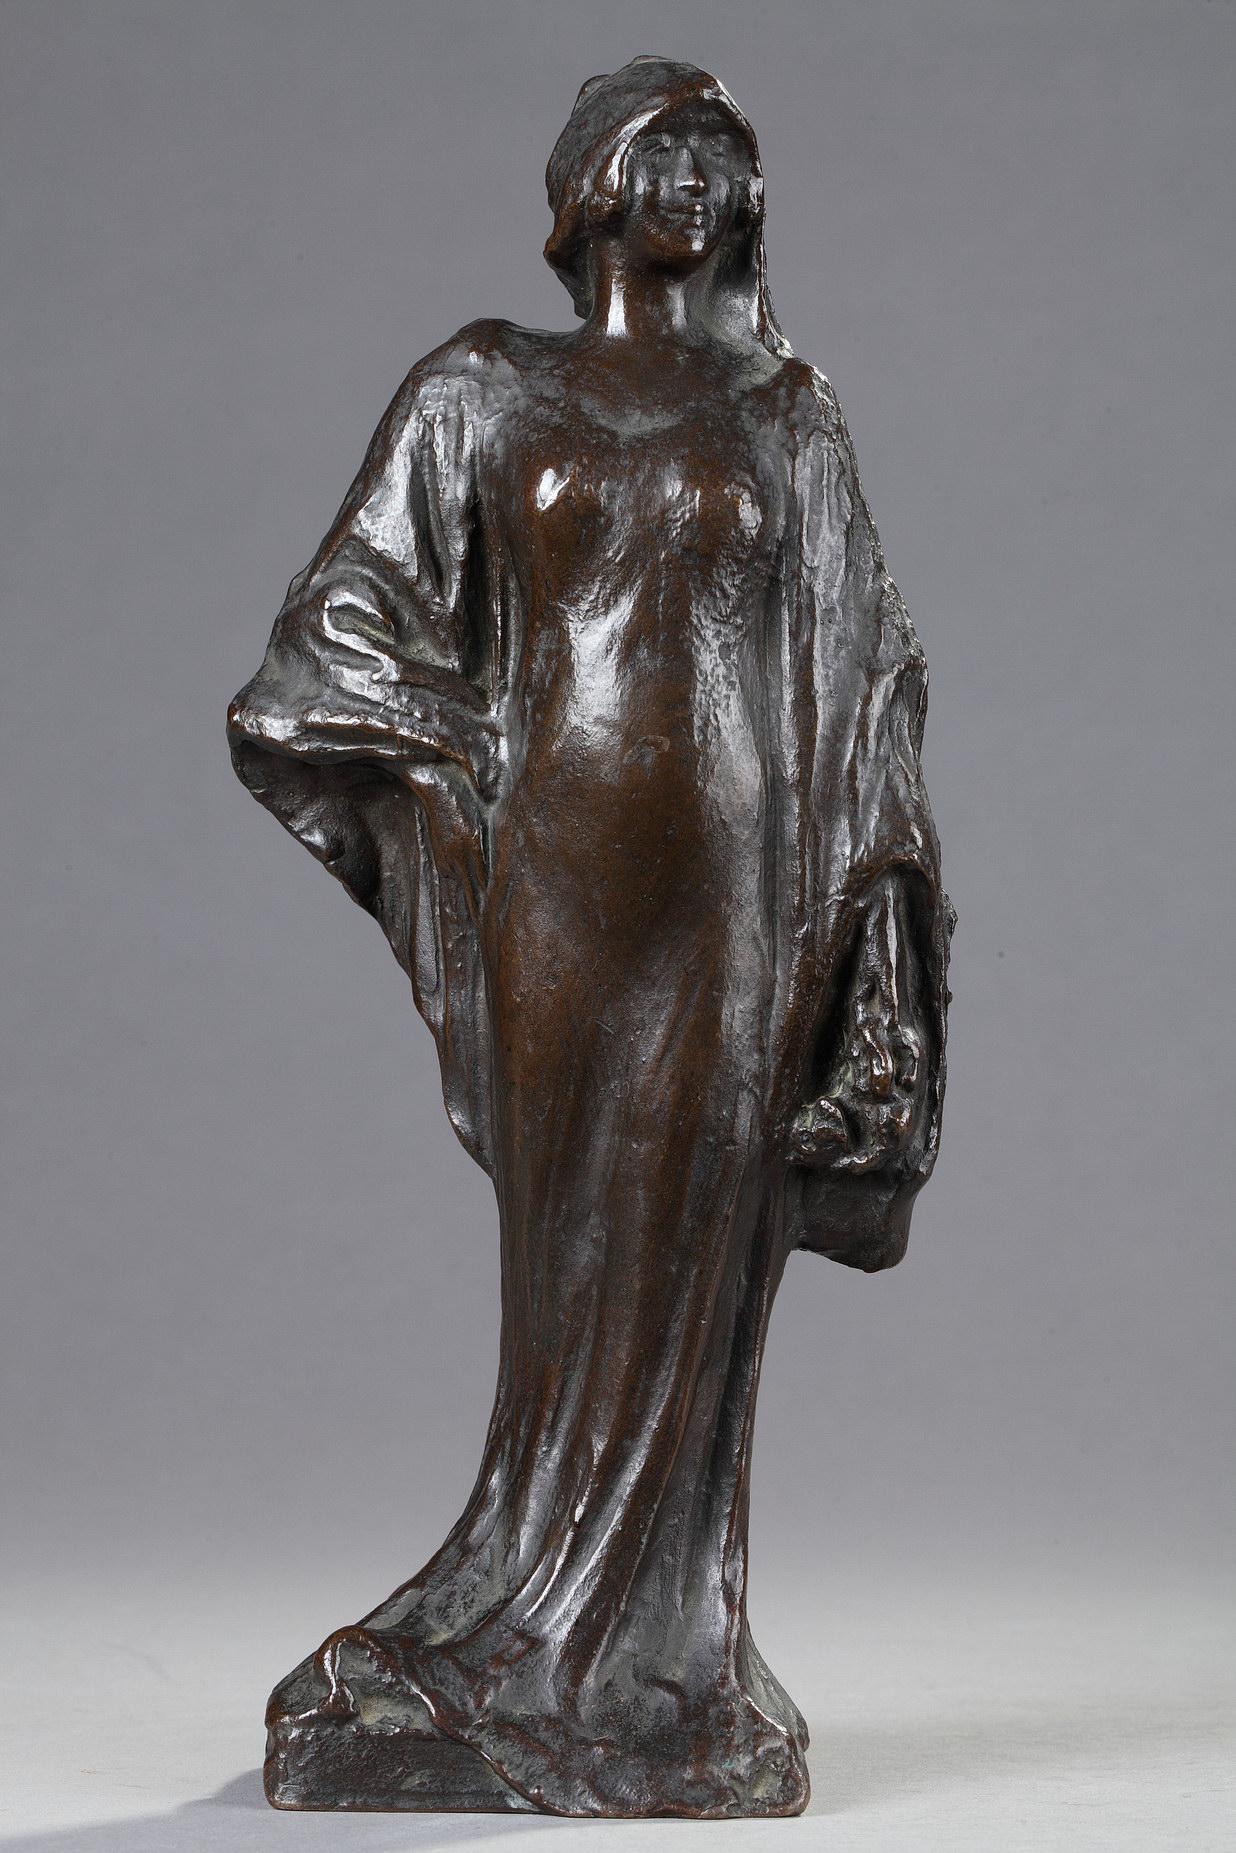 """Janet Scudder (1869-1940), """"La Mariée"""", bronze à patine marron foncé, fonte Rudier, Haut. 28 cm, sculptures - galerie Tourbillon, Paris"""